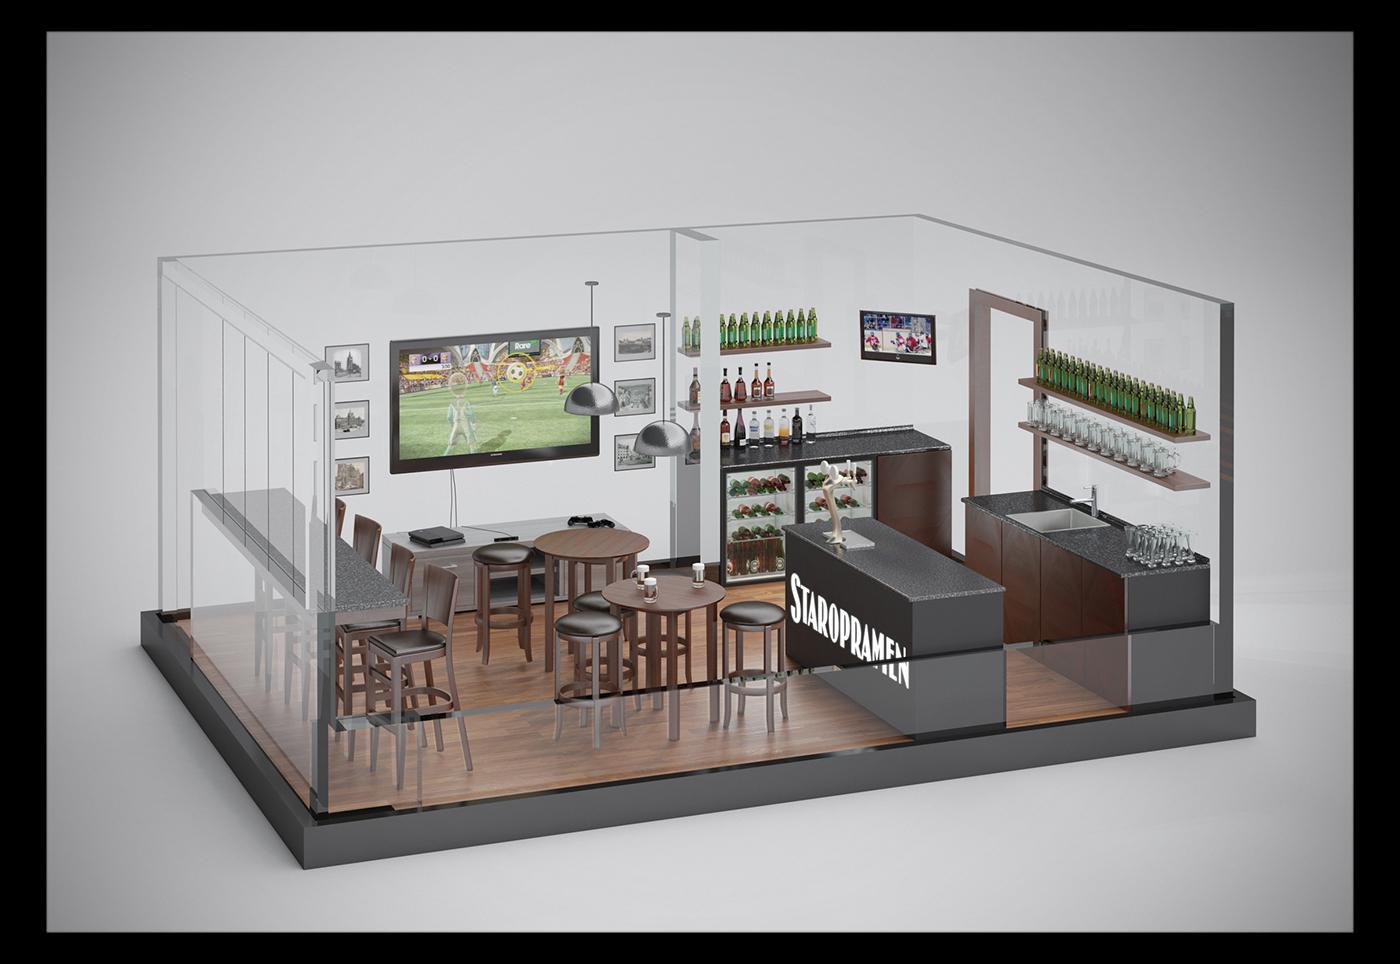 o2 arena skybox on behance. Black Bedroom Furniture Sets. Home Design Ideas